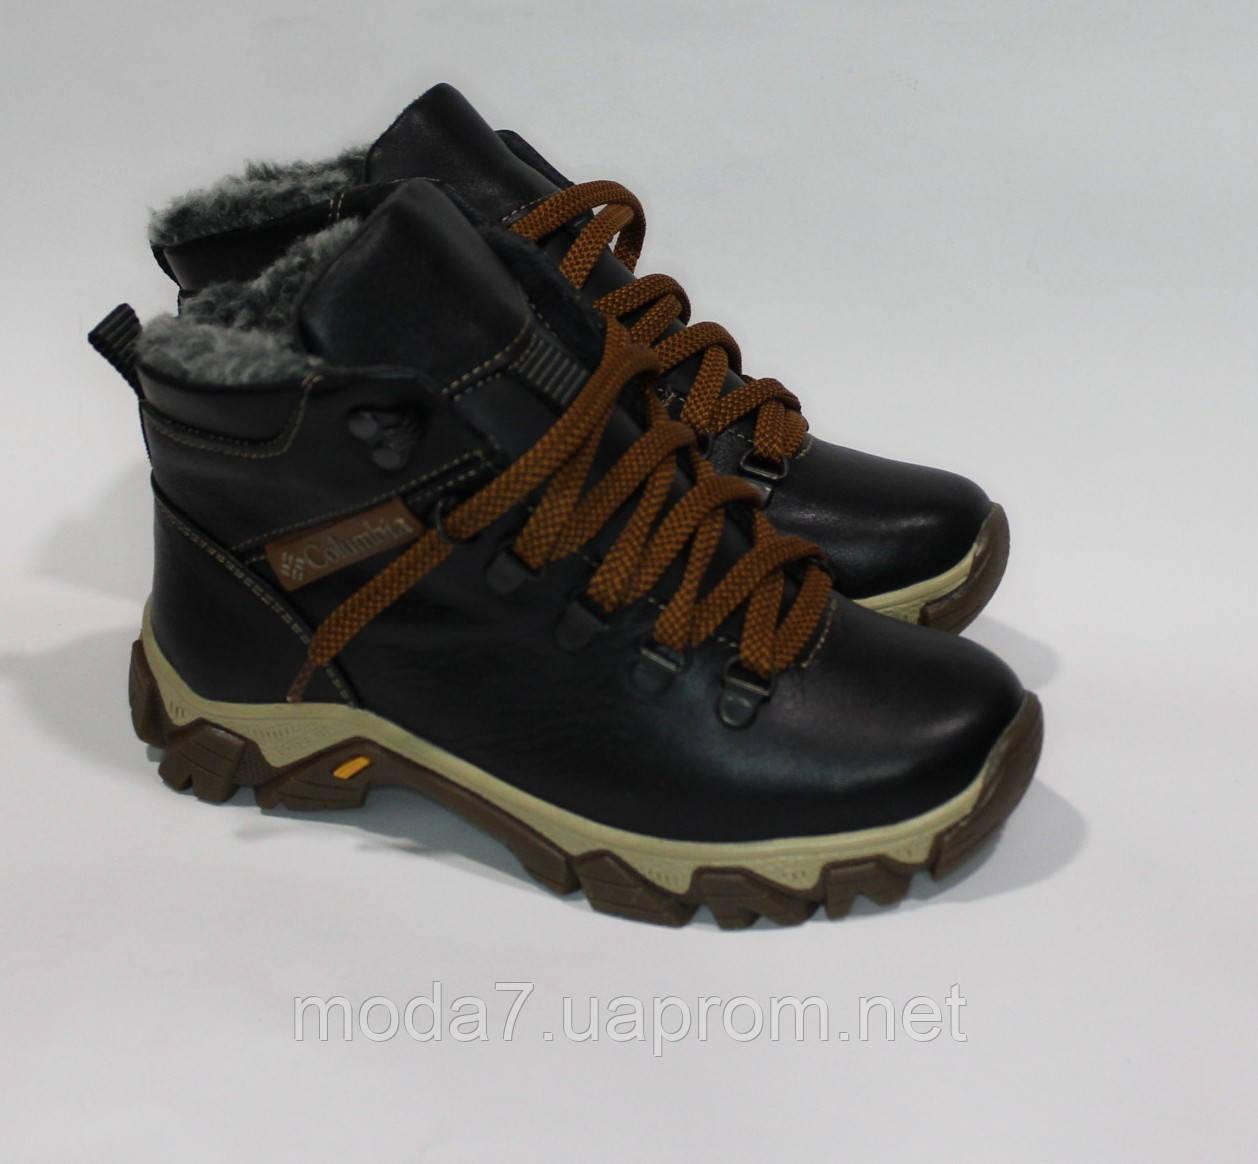 Детские подростковые зимние ботинки Columbia